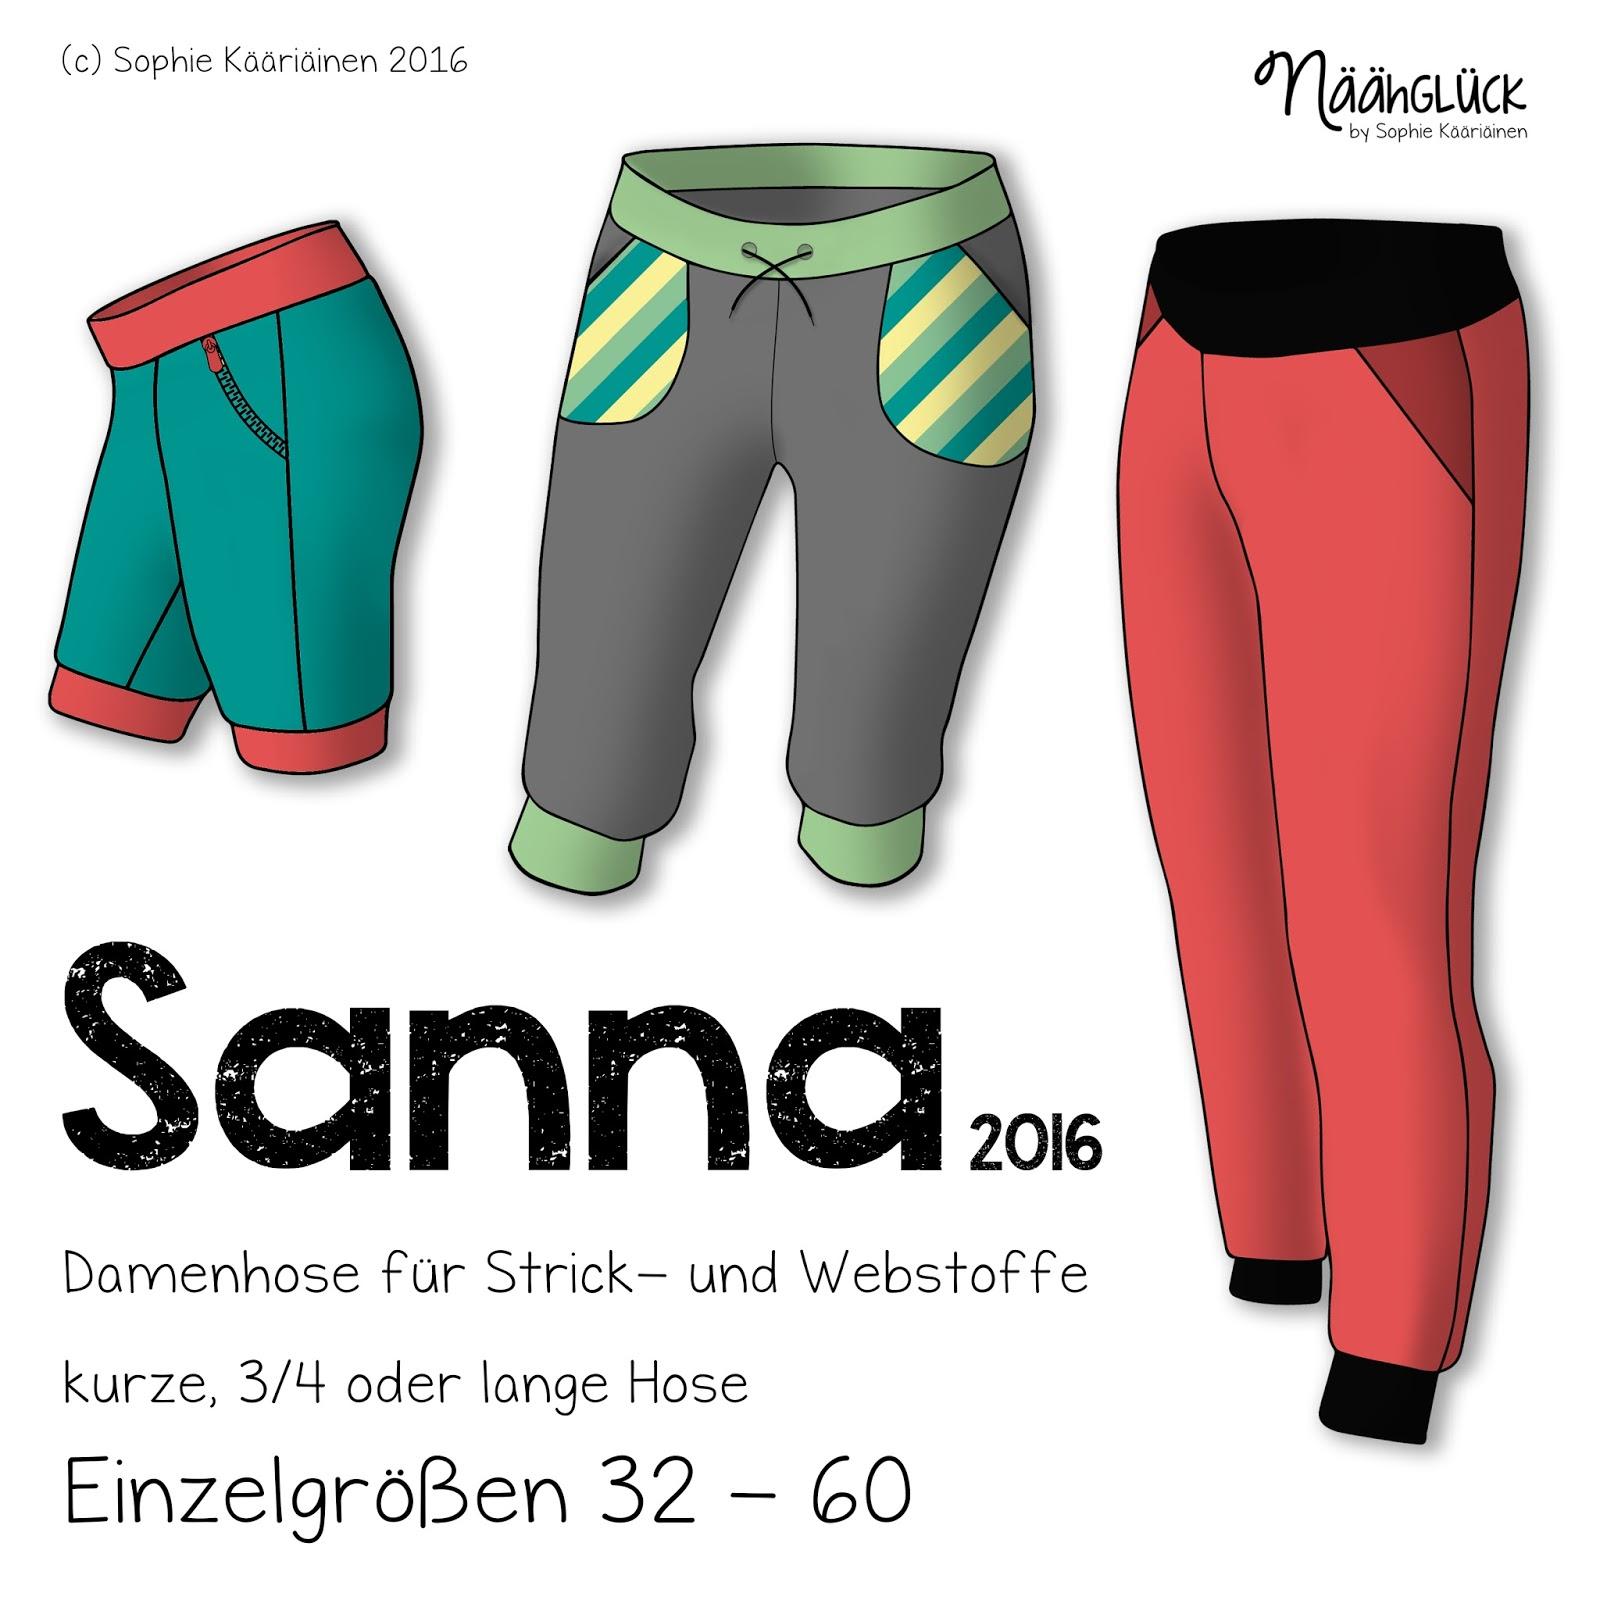 Näähglück by Sophie Kääriäinen: Sanna